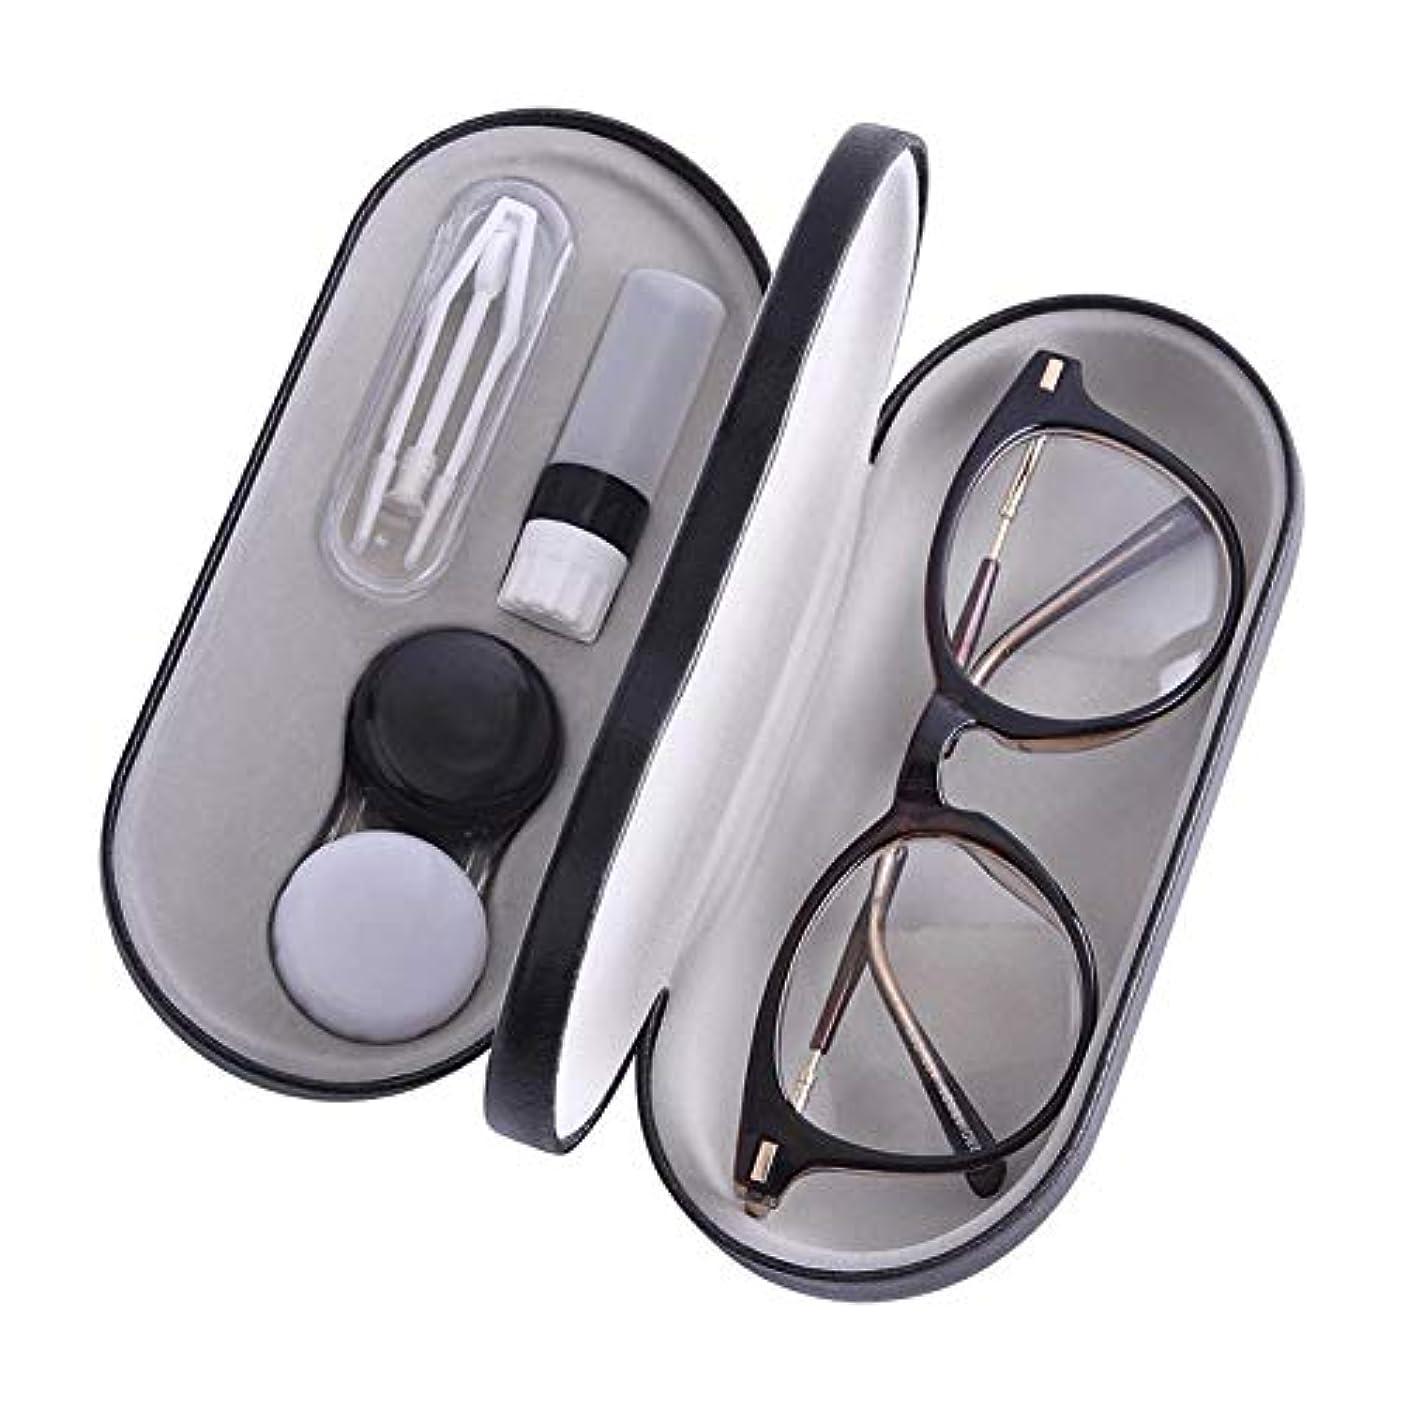 報復非常にすみませんコンタクトレンズケーストラベルホームイノベーション両面メガネ収納ボックストラベルセットボックス携帯しやすいミニボックスコンテナコンタクトレンズフレーム